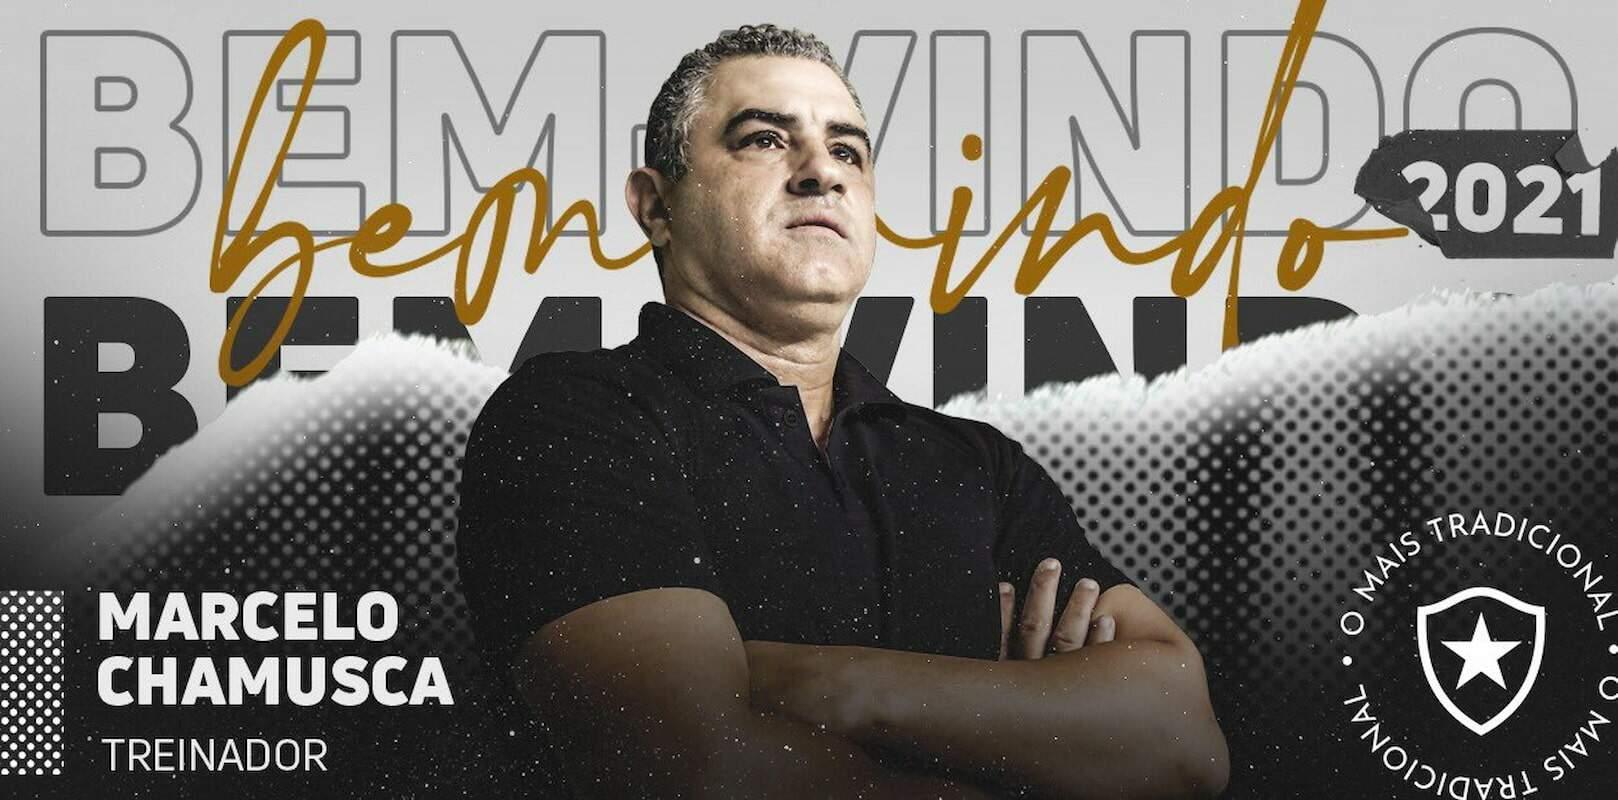 Aos 54 anos, o treinador que chega com a missão de reconduzir o Botafogo à elite